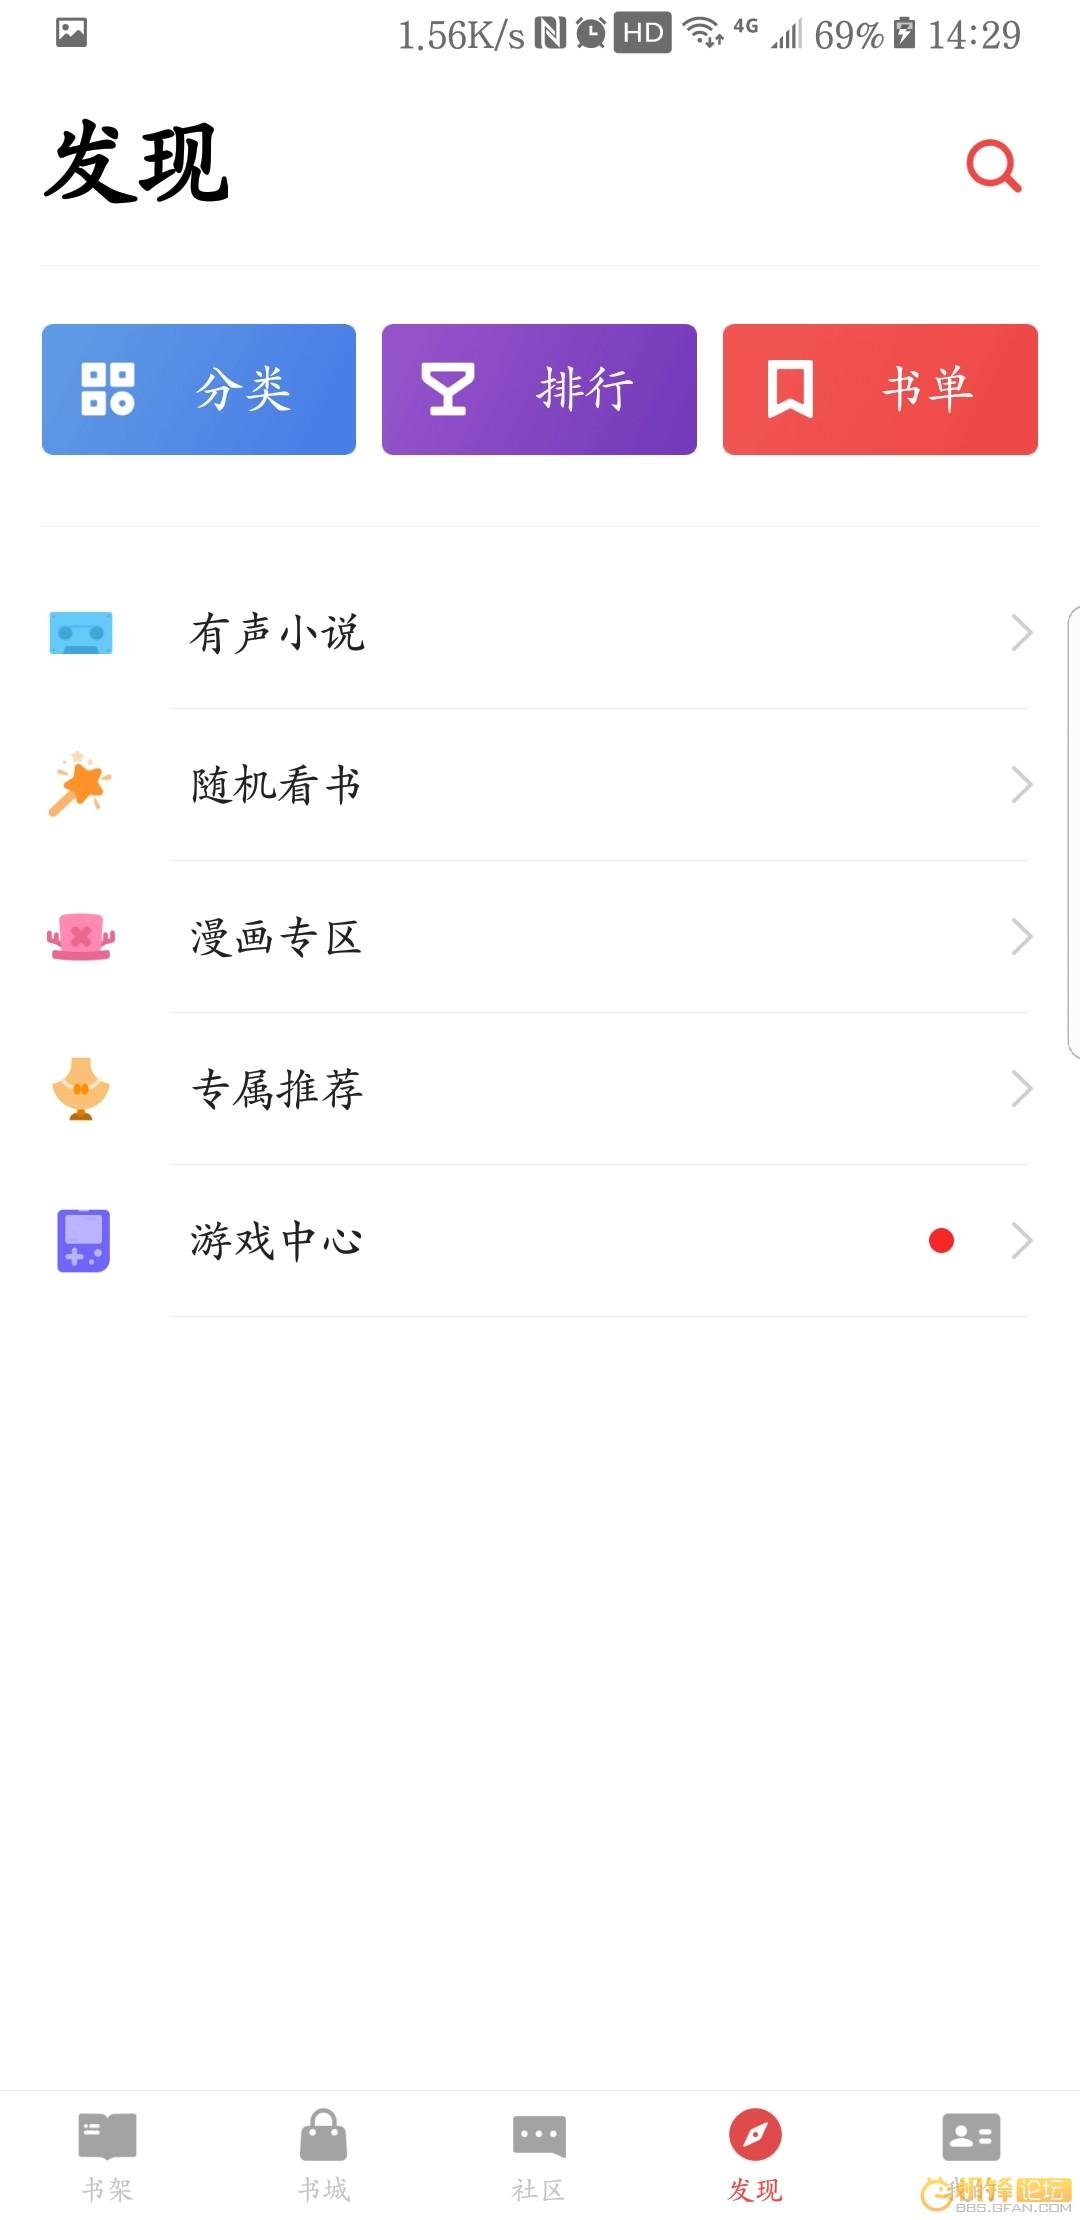 Screenshot_20180206-142901.jpg